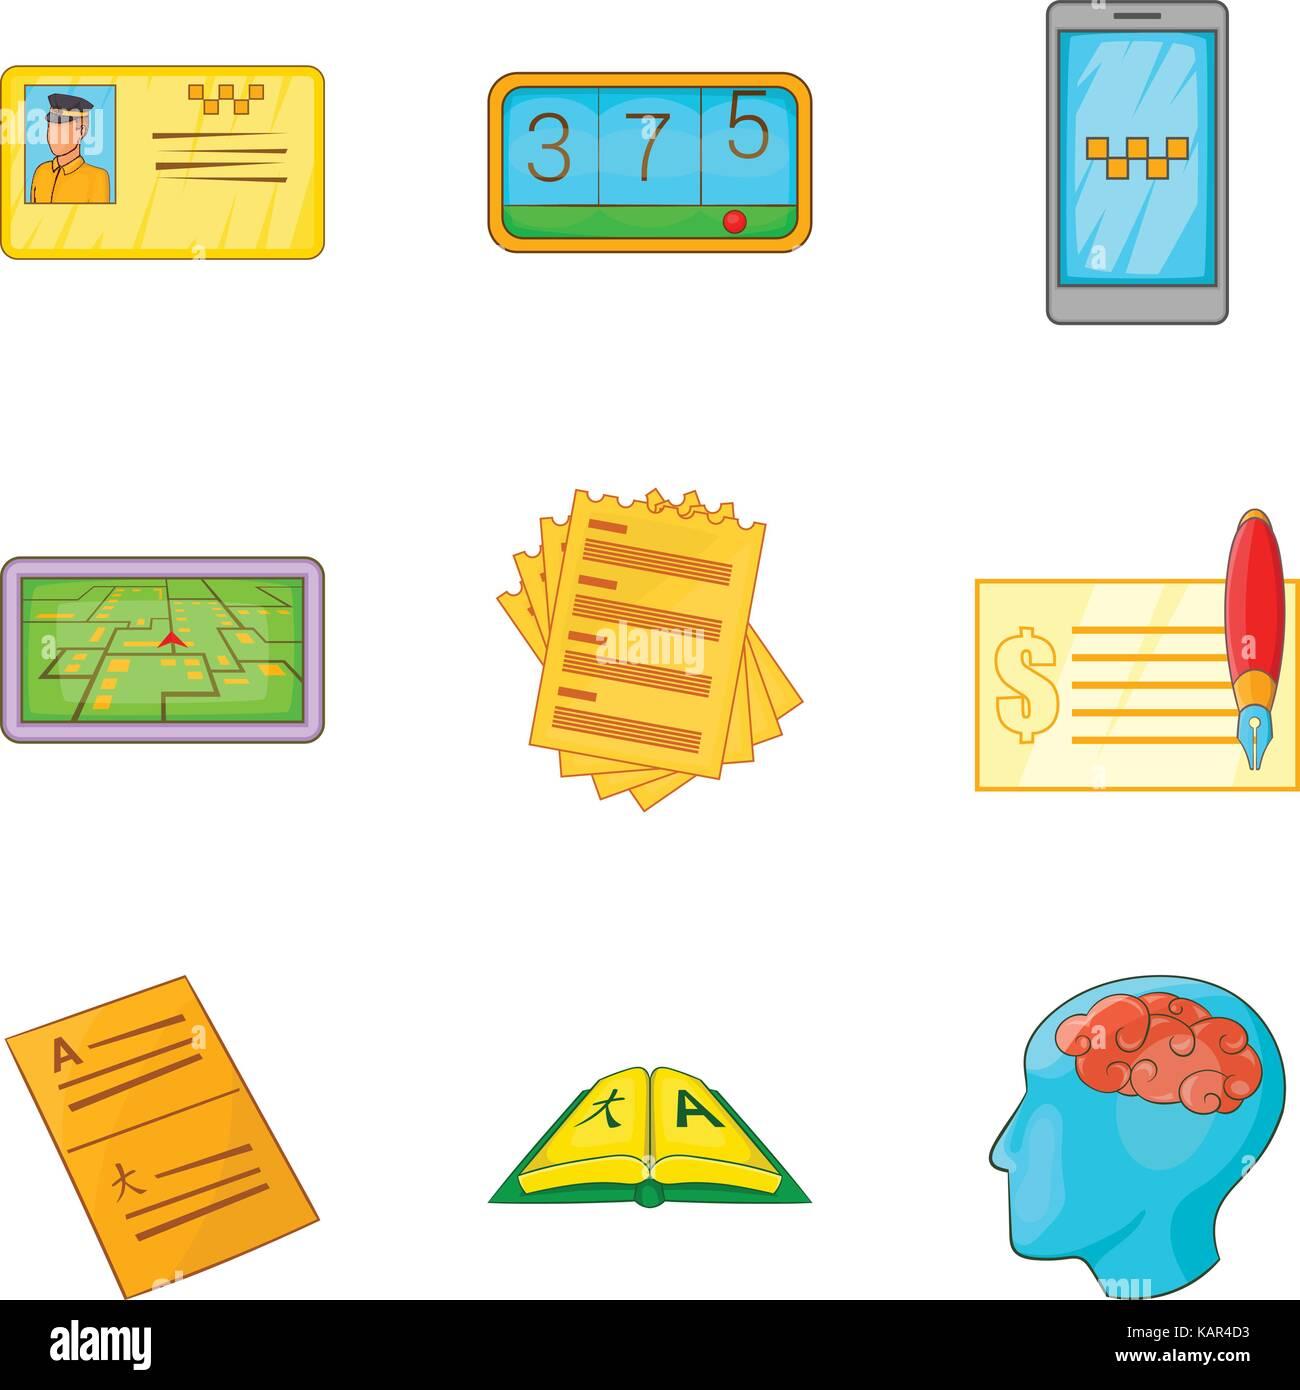 Enumeration icons set, cartoon style - Stock Image